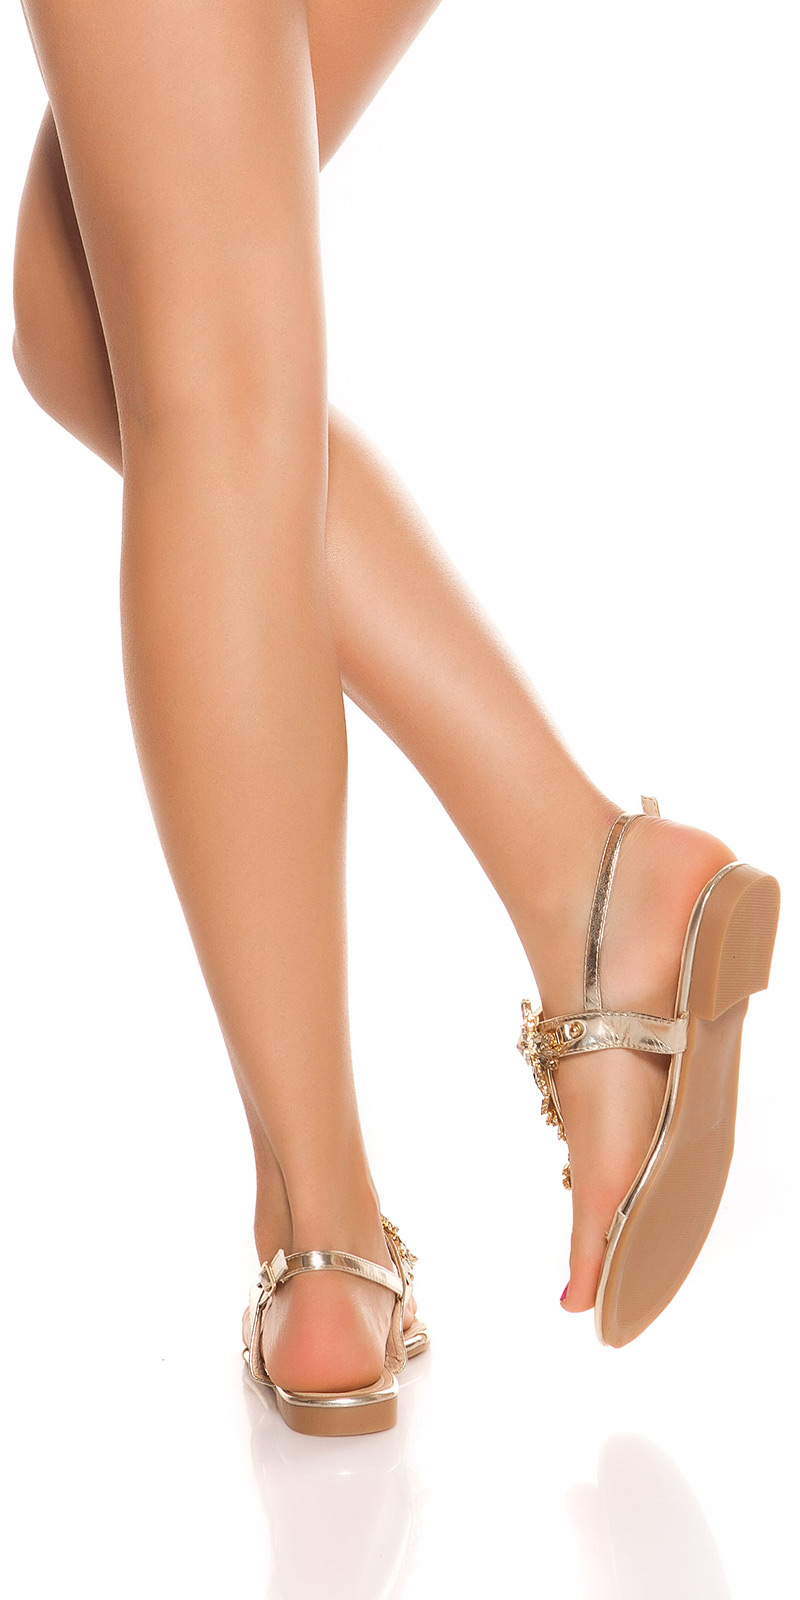 Sandale la moda Toe cu XL strasuri